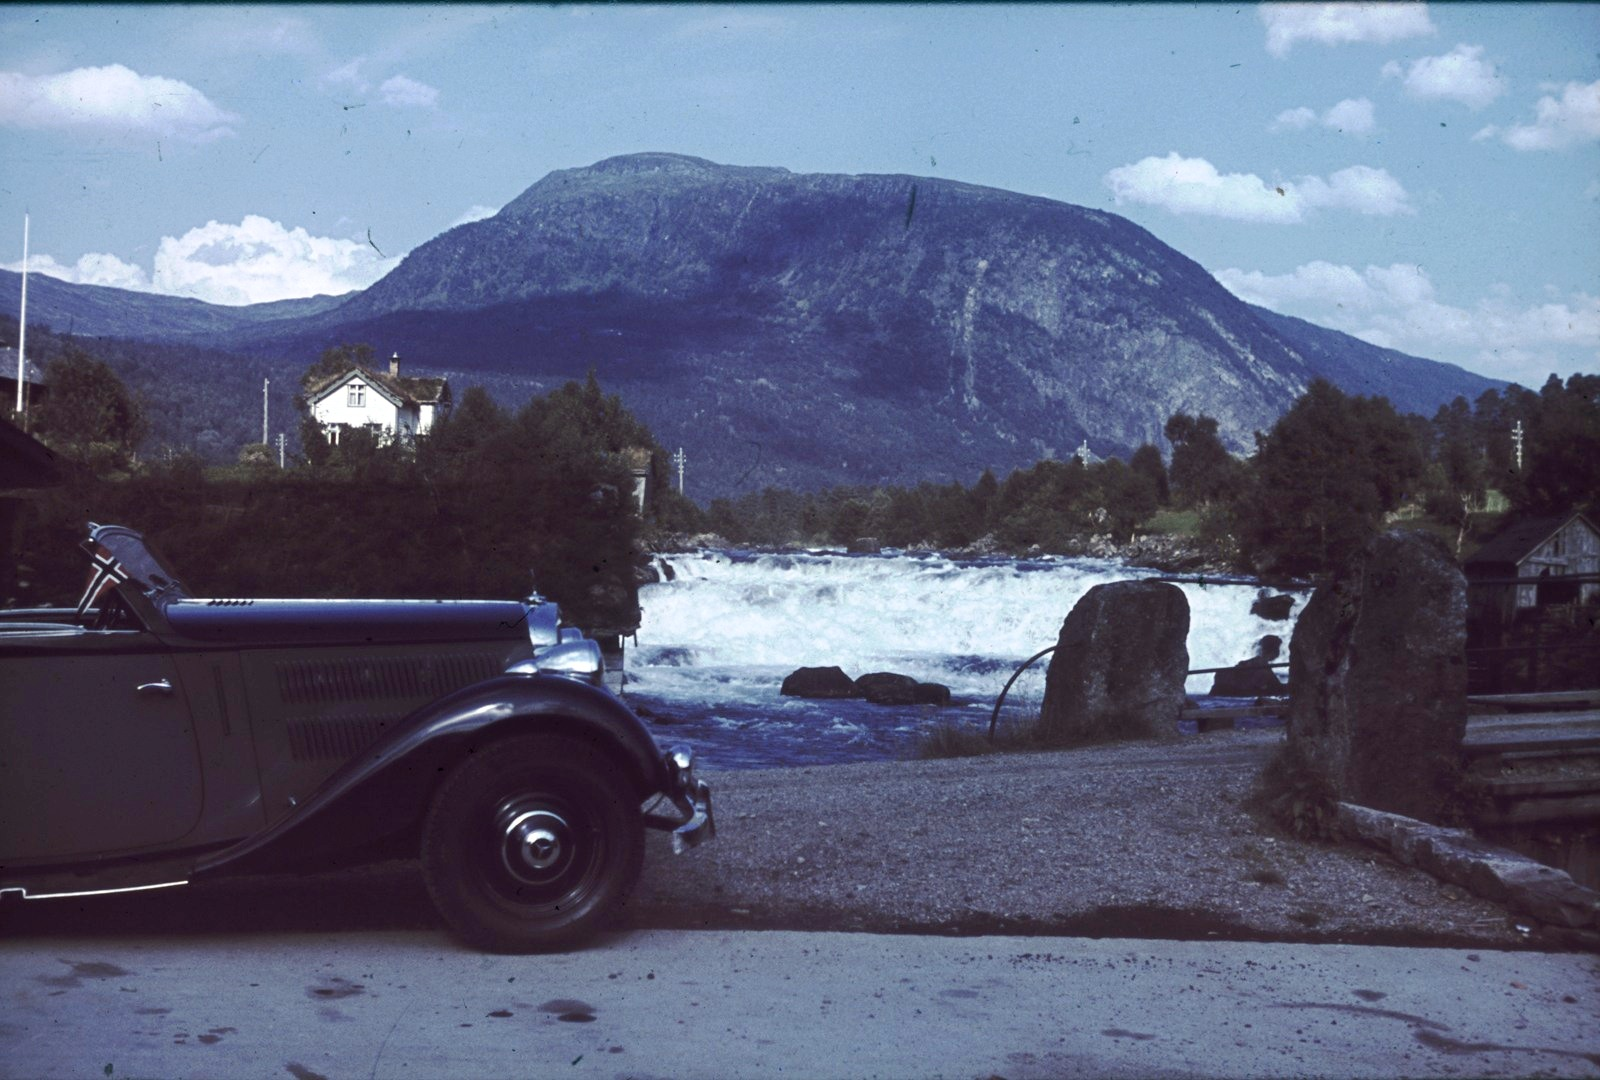 Припаркованная машина с норвежским флагом. Вид на горный хребет